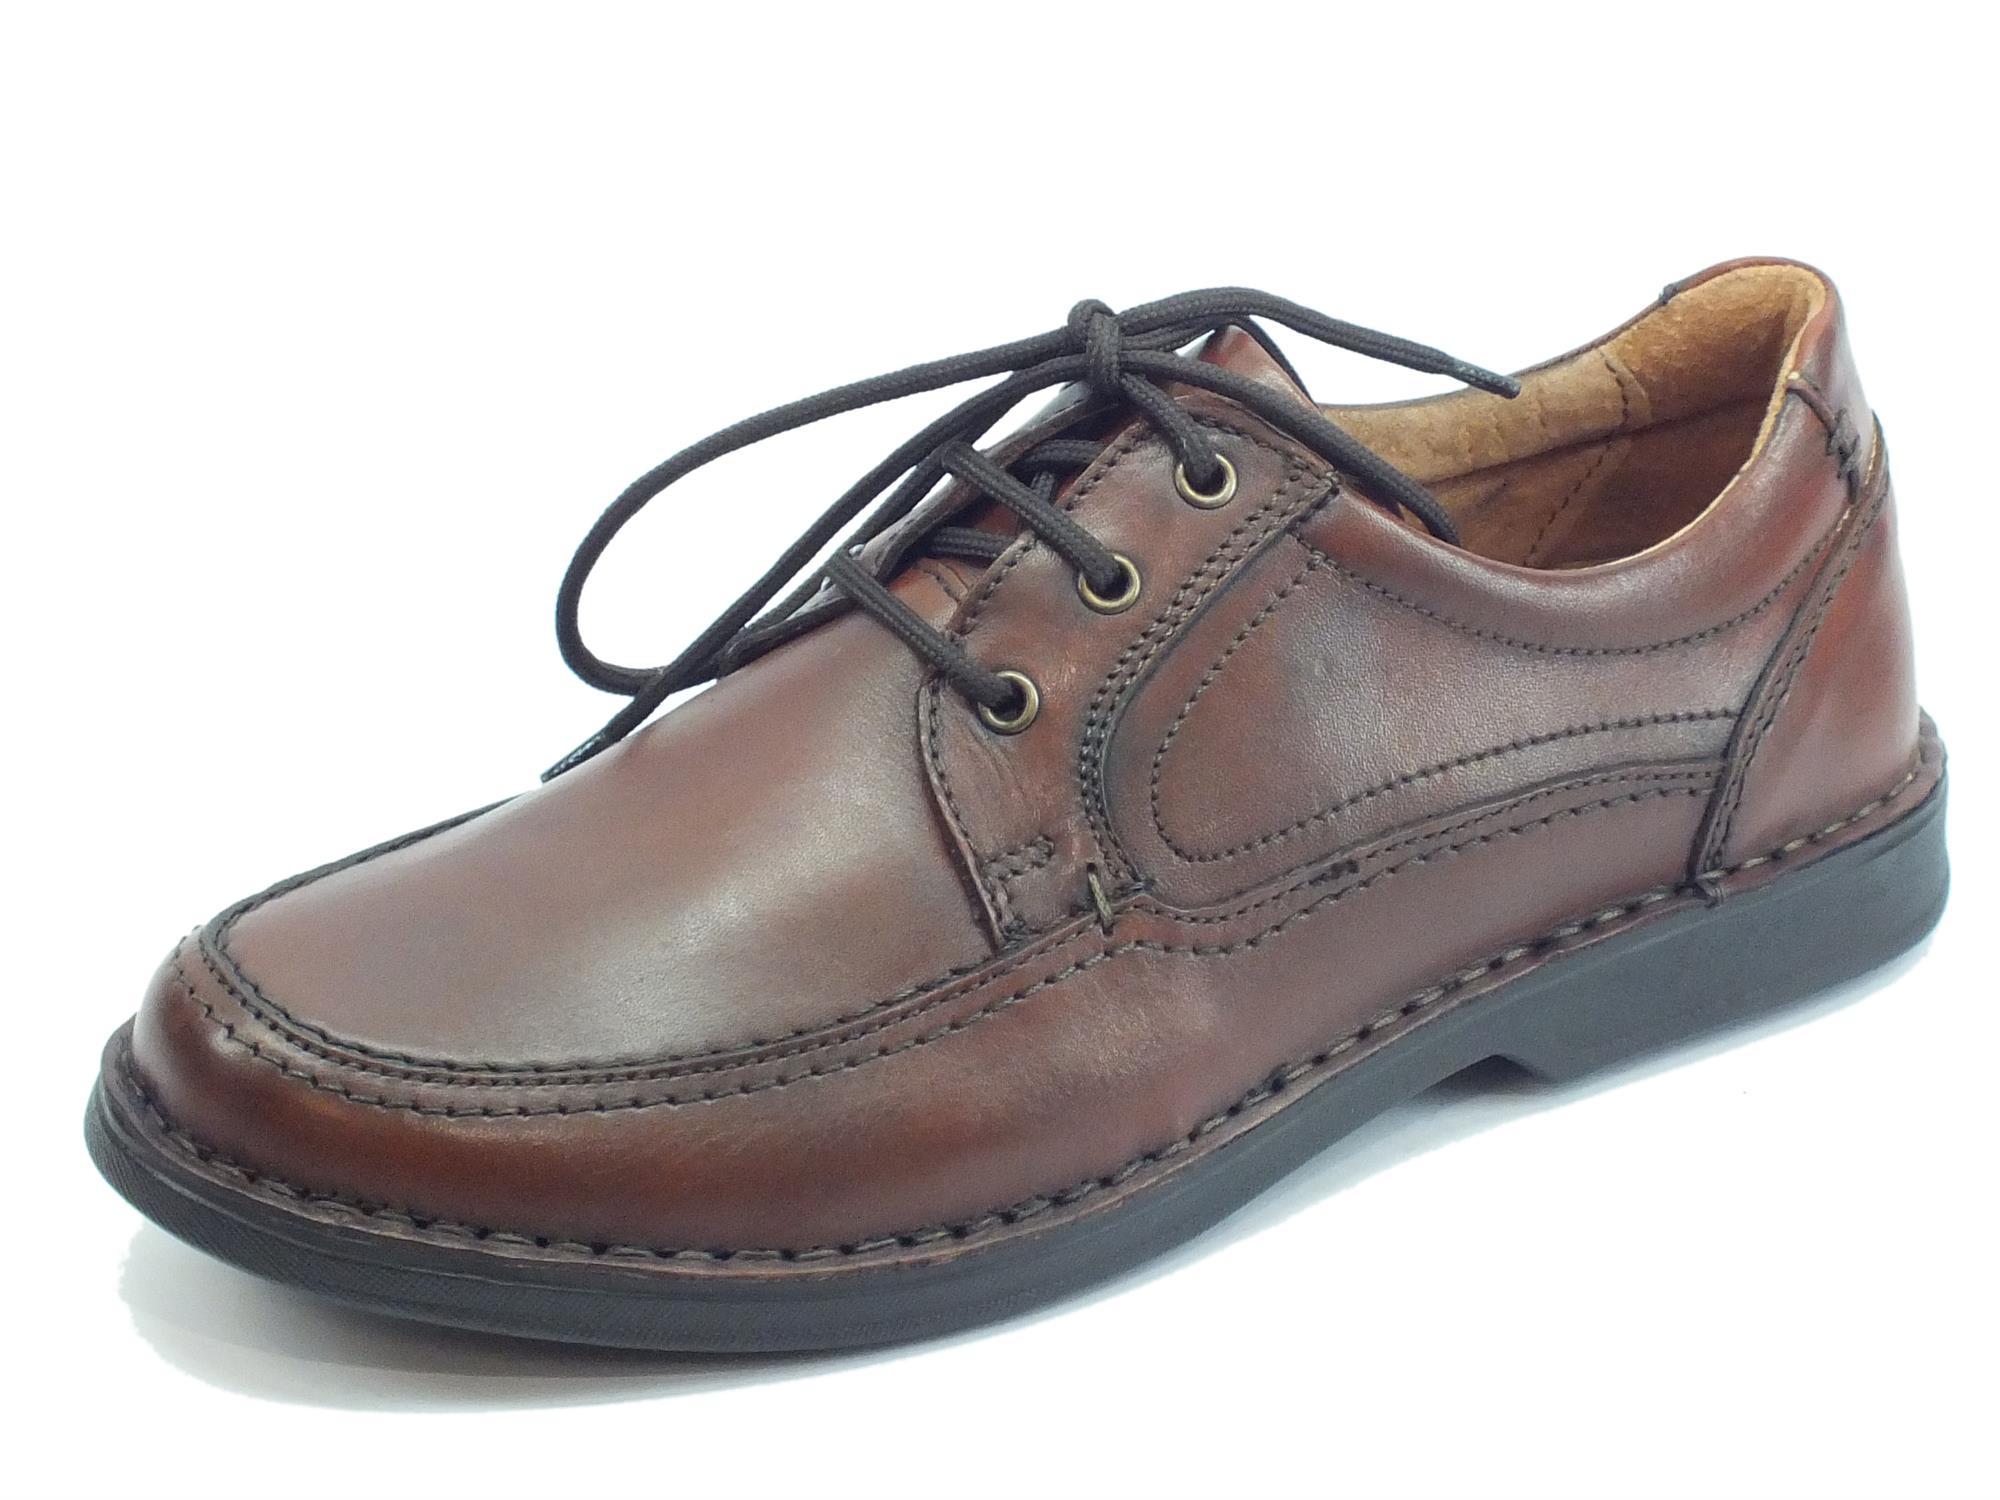 70f893cddbe8 Zen Air ocra scarpe pelle marrone - Vitiello Calzature